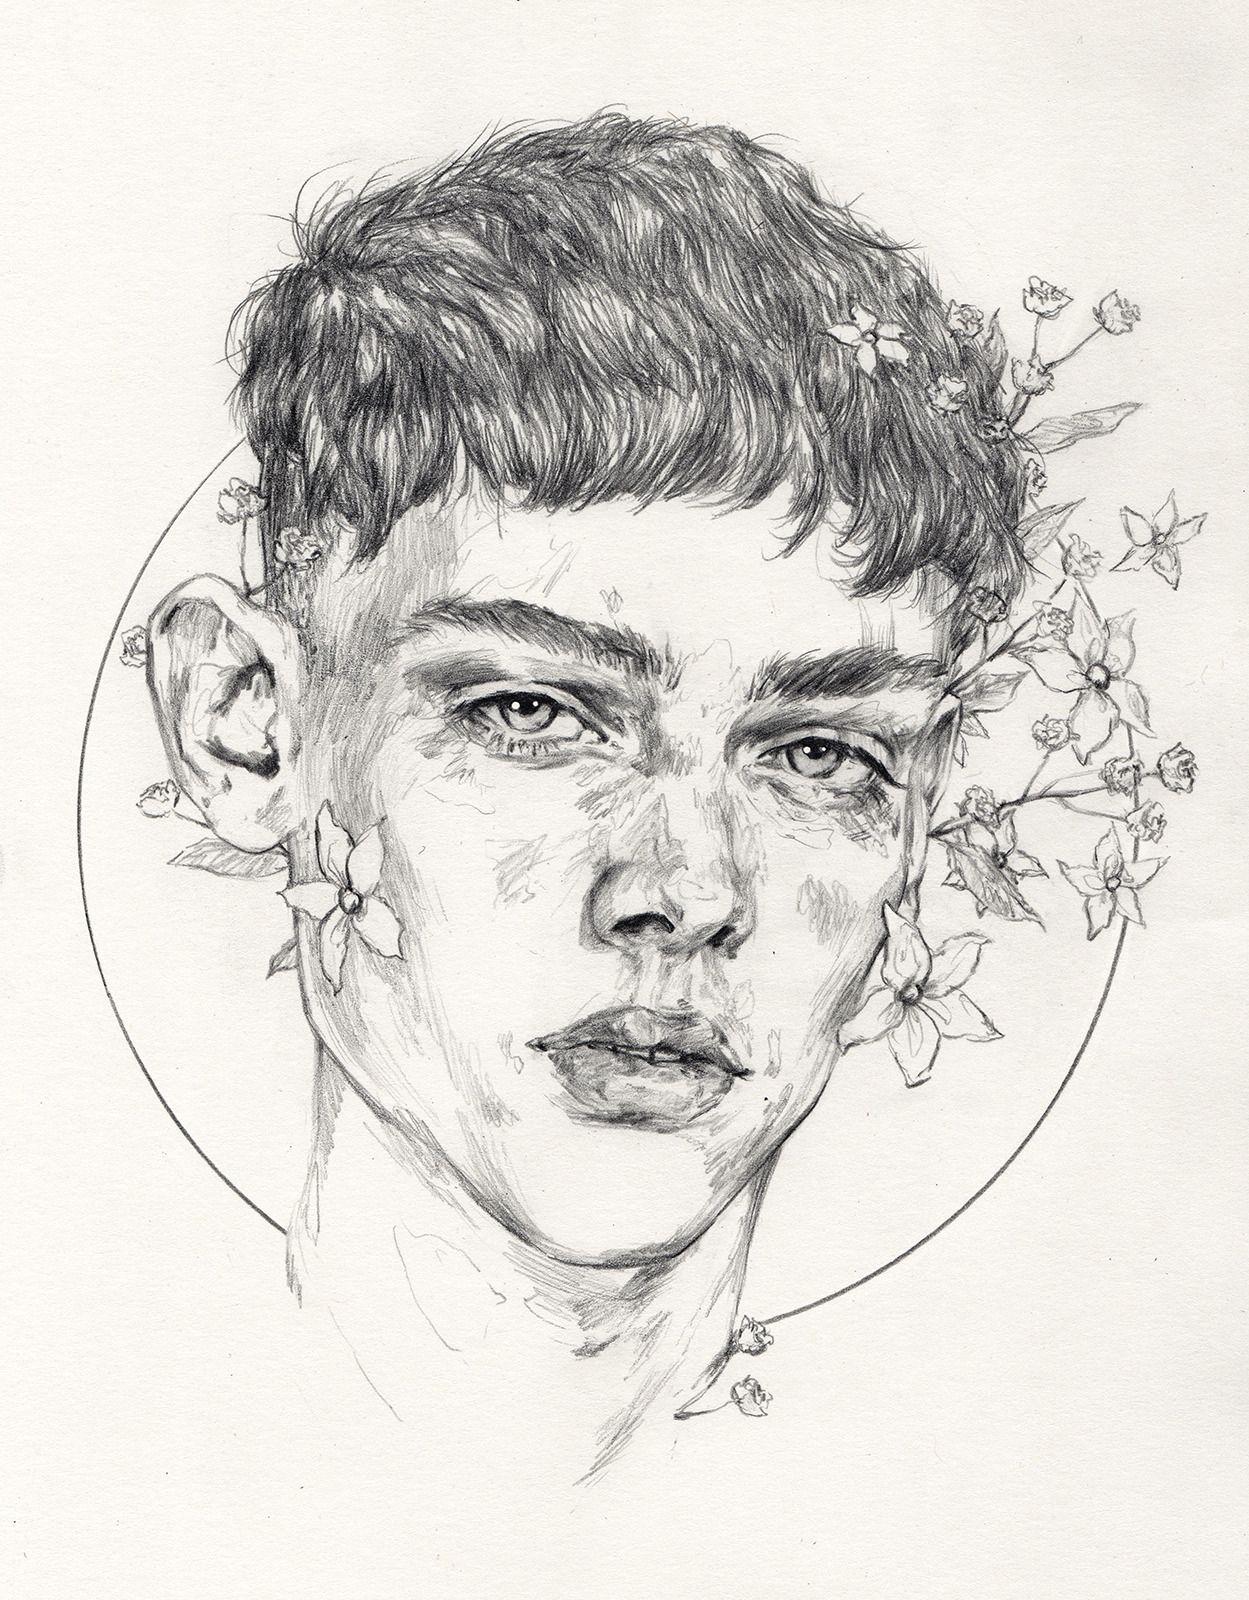 ̗ ащщщ ̖ sketches of boys sketches of faces boy sketch